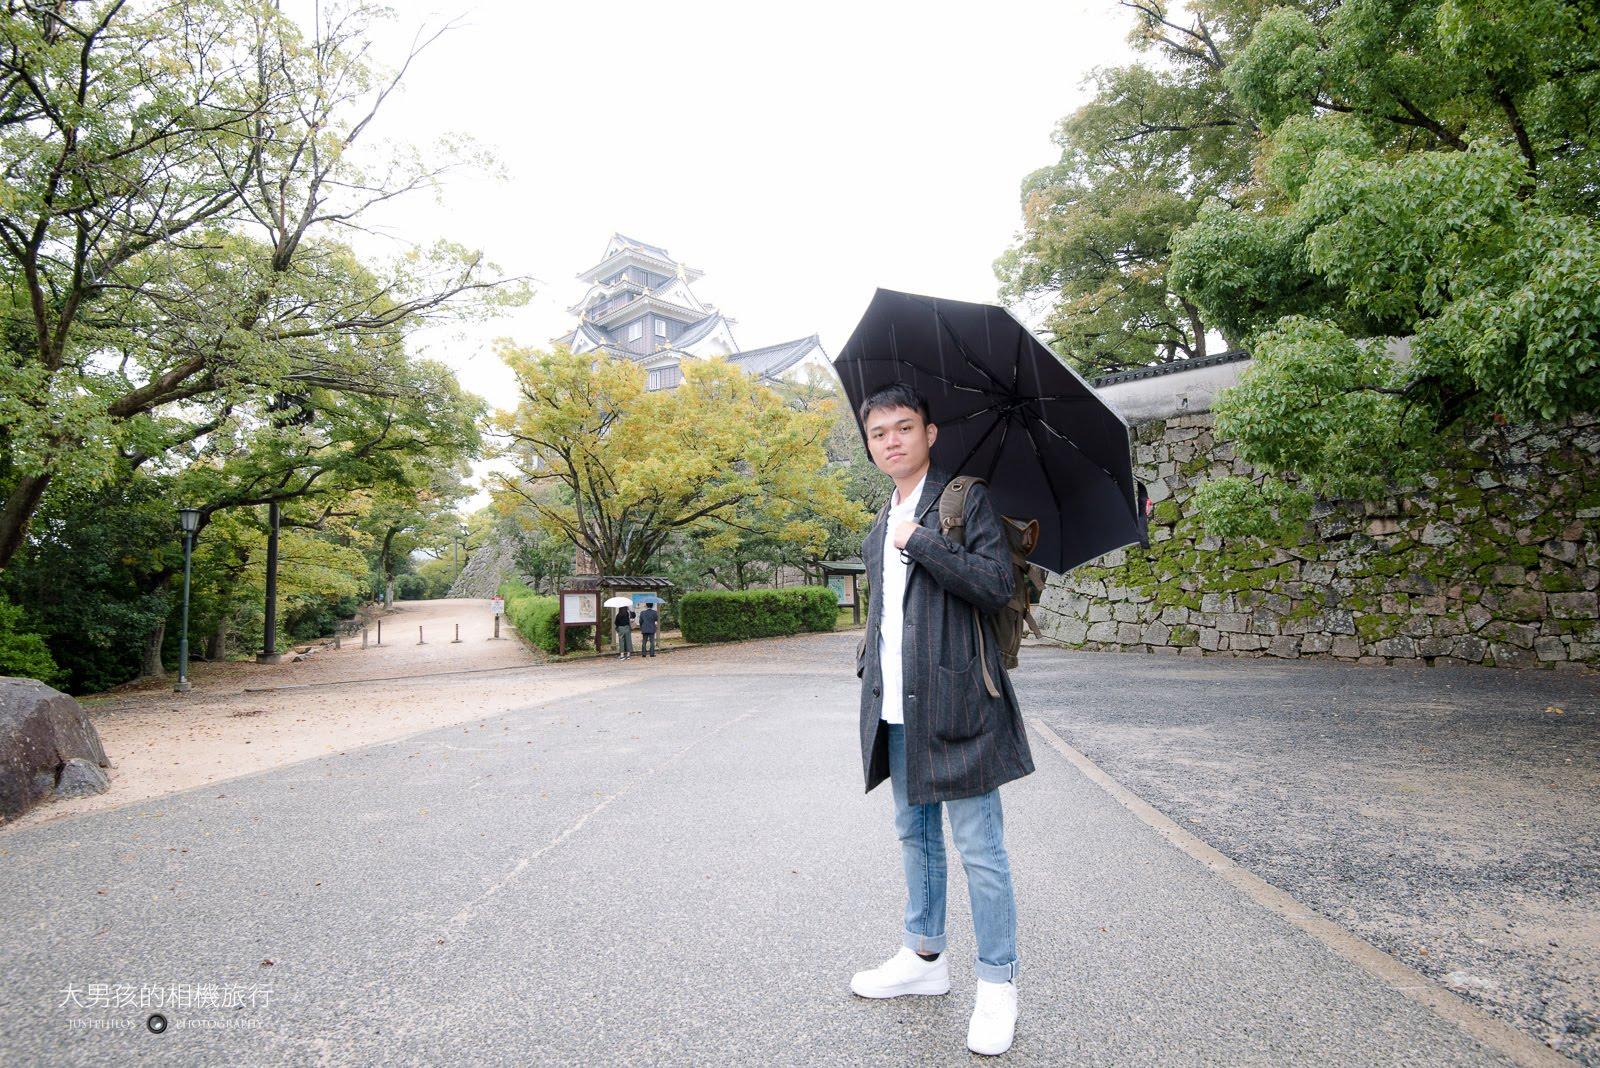 即便是下雨天還是要跟第一次造訪的岡山城做紀念,日本百大名城再拿下一座。